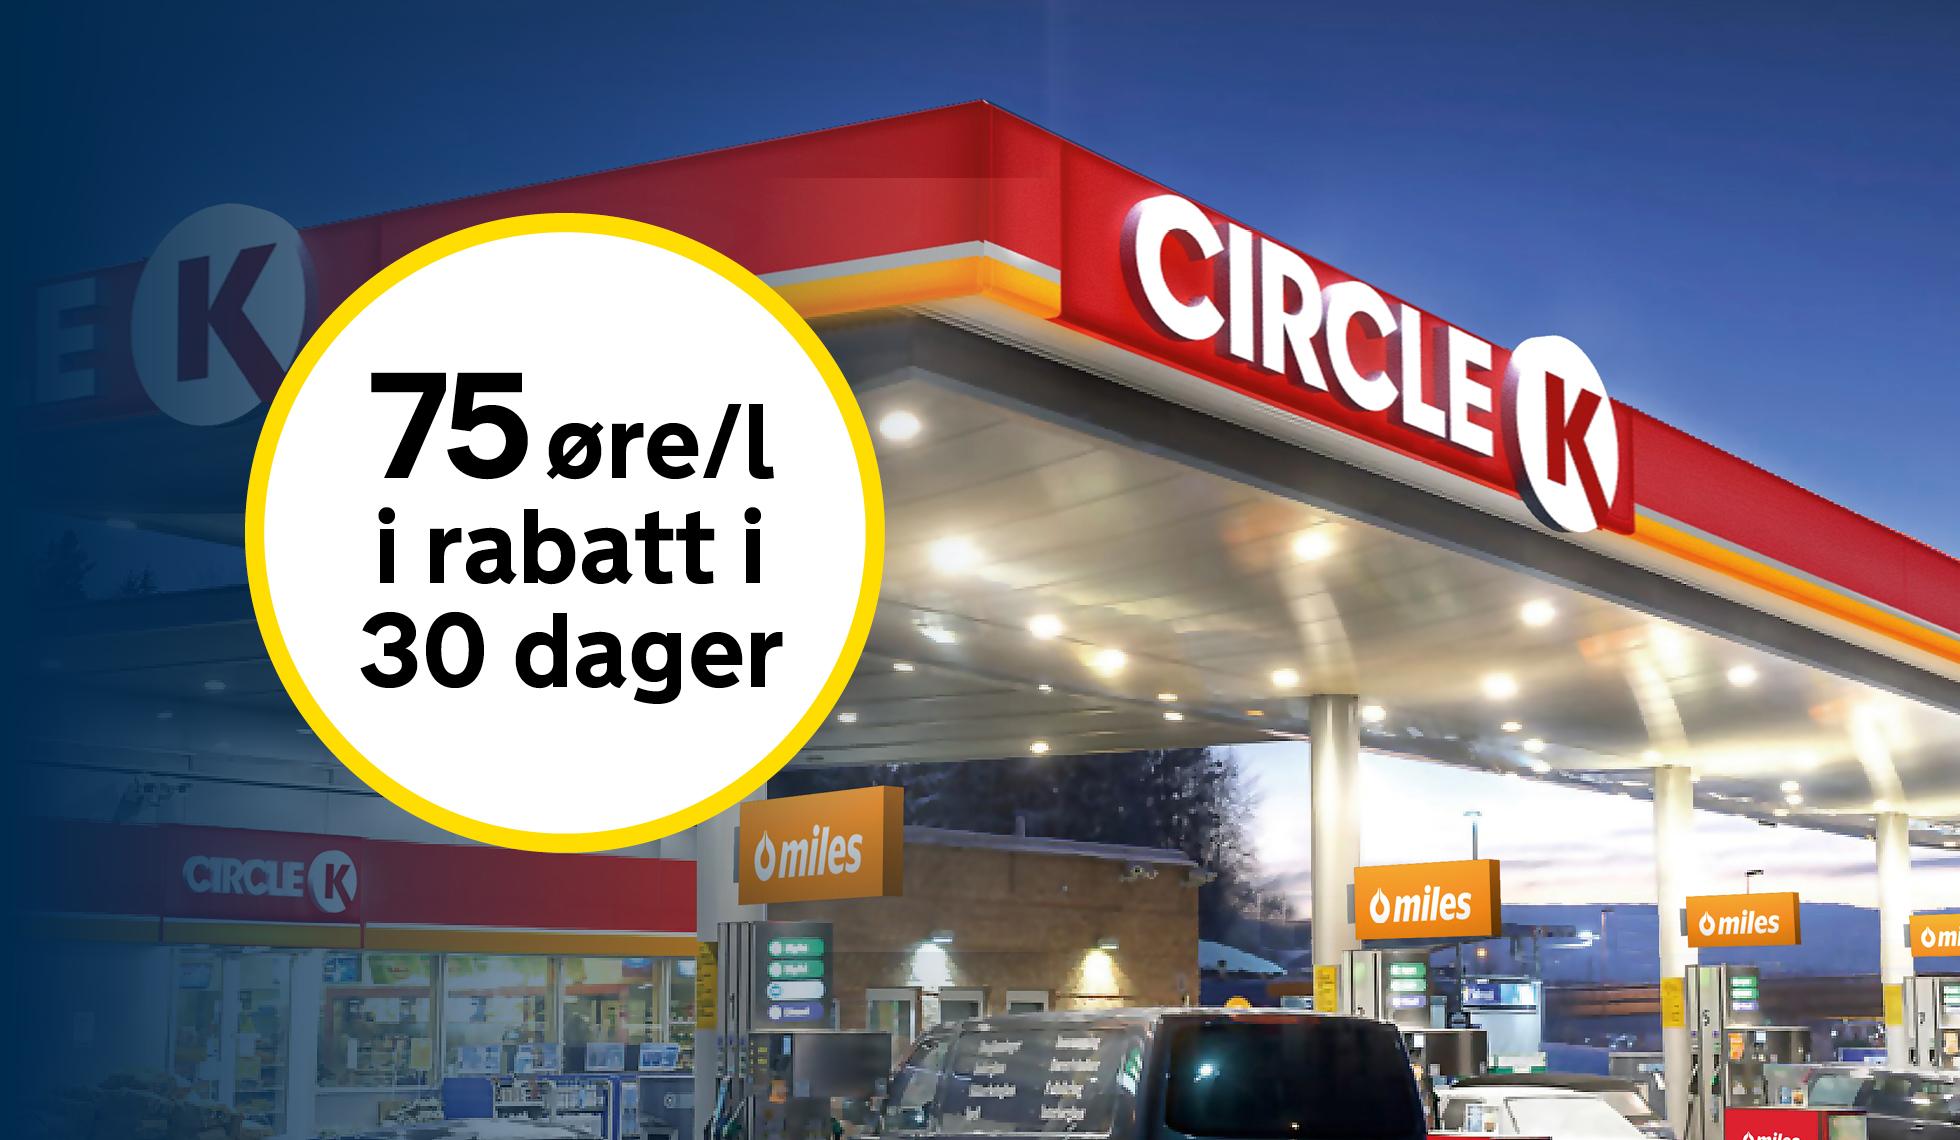 circle k rabatt